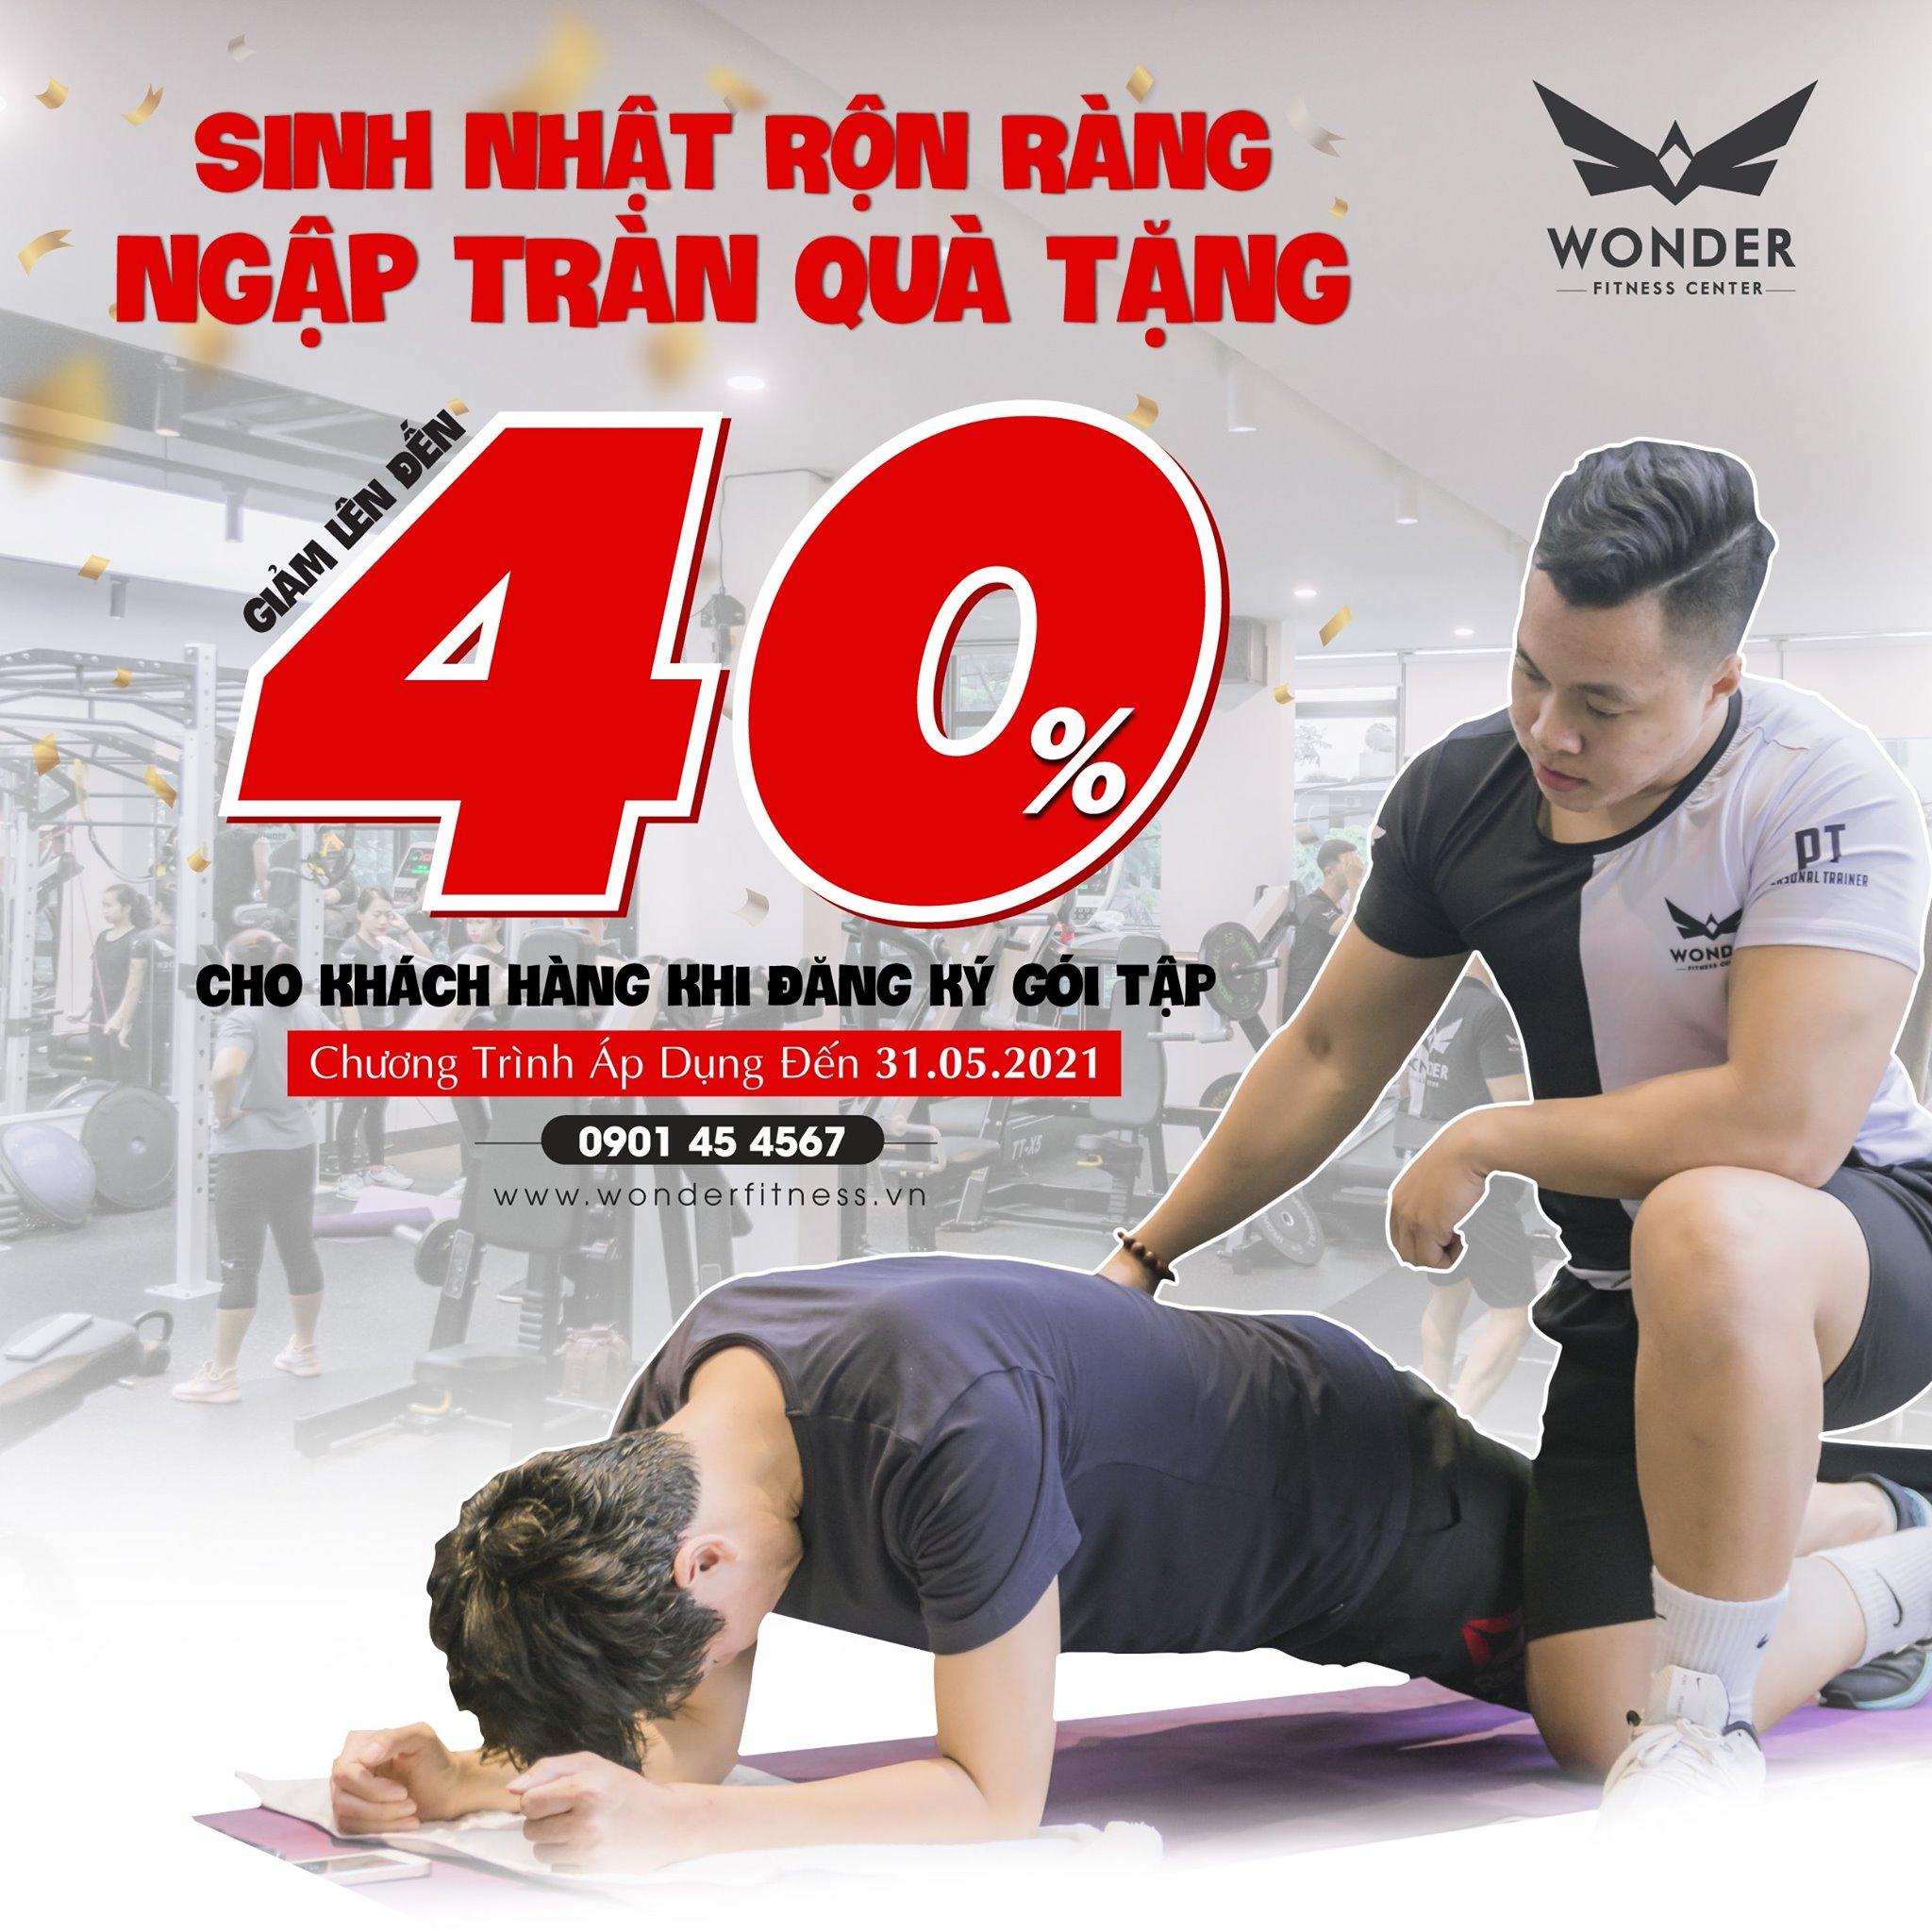 Mừng sinh nhật – Giảm giá đến 40% tại gym cao cấp Wonder Fitness Center